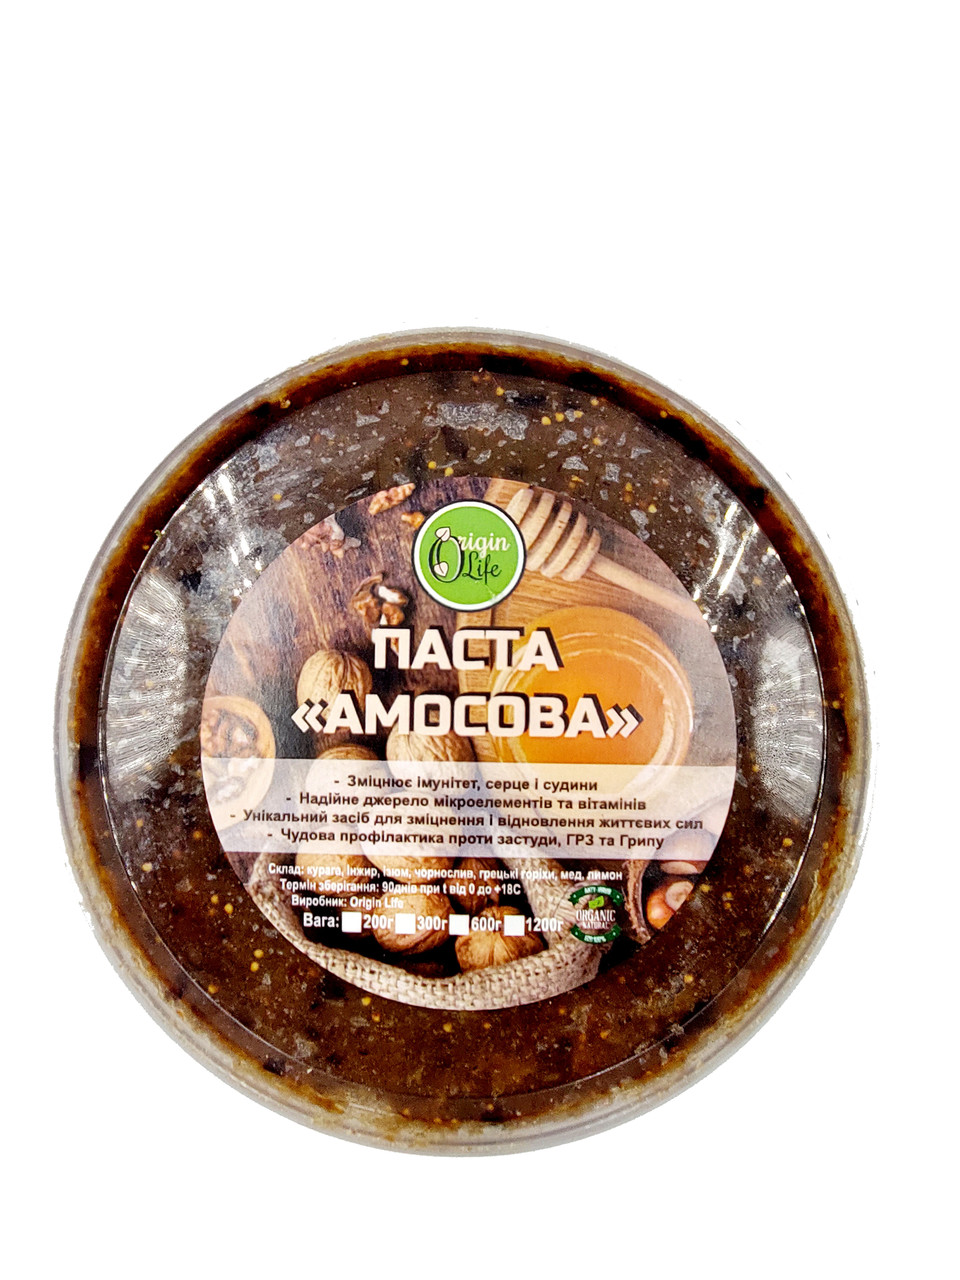 Паста Амосова 600г натуральная витаминная смесь из сухофруктов, орехов и меда